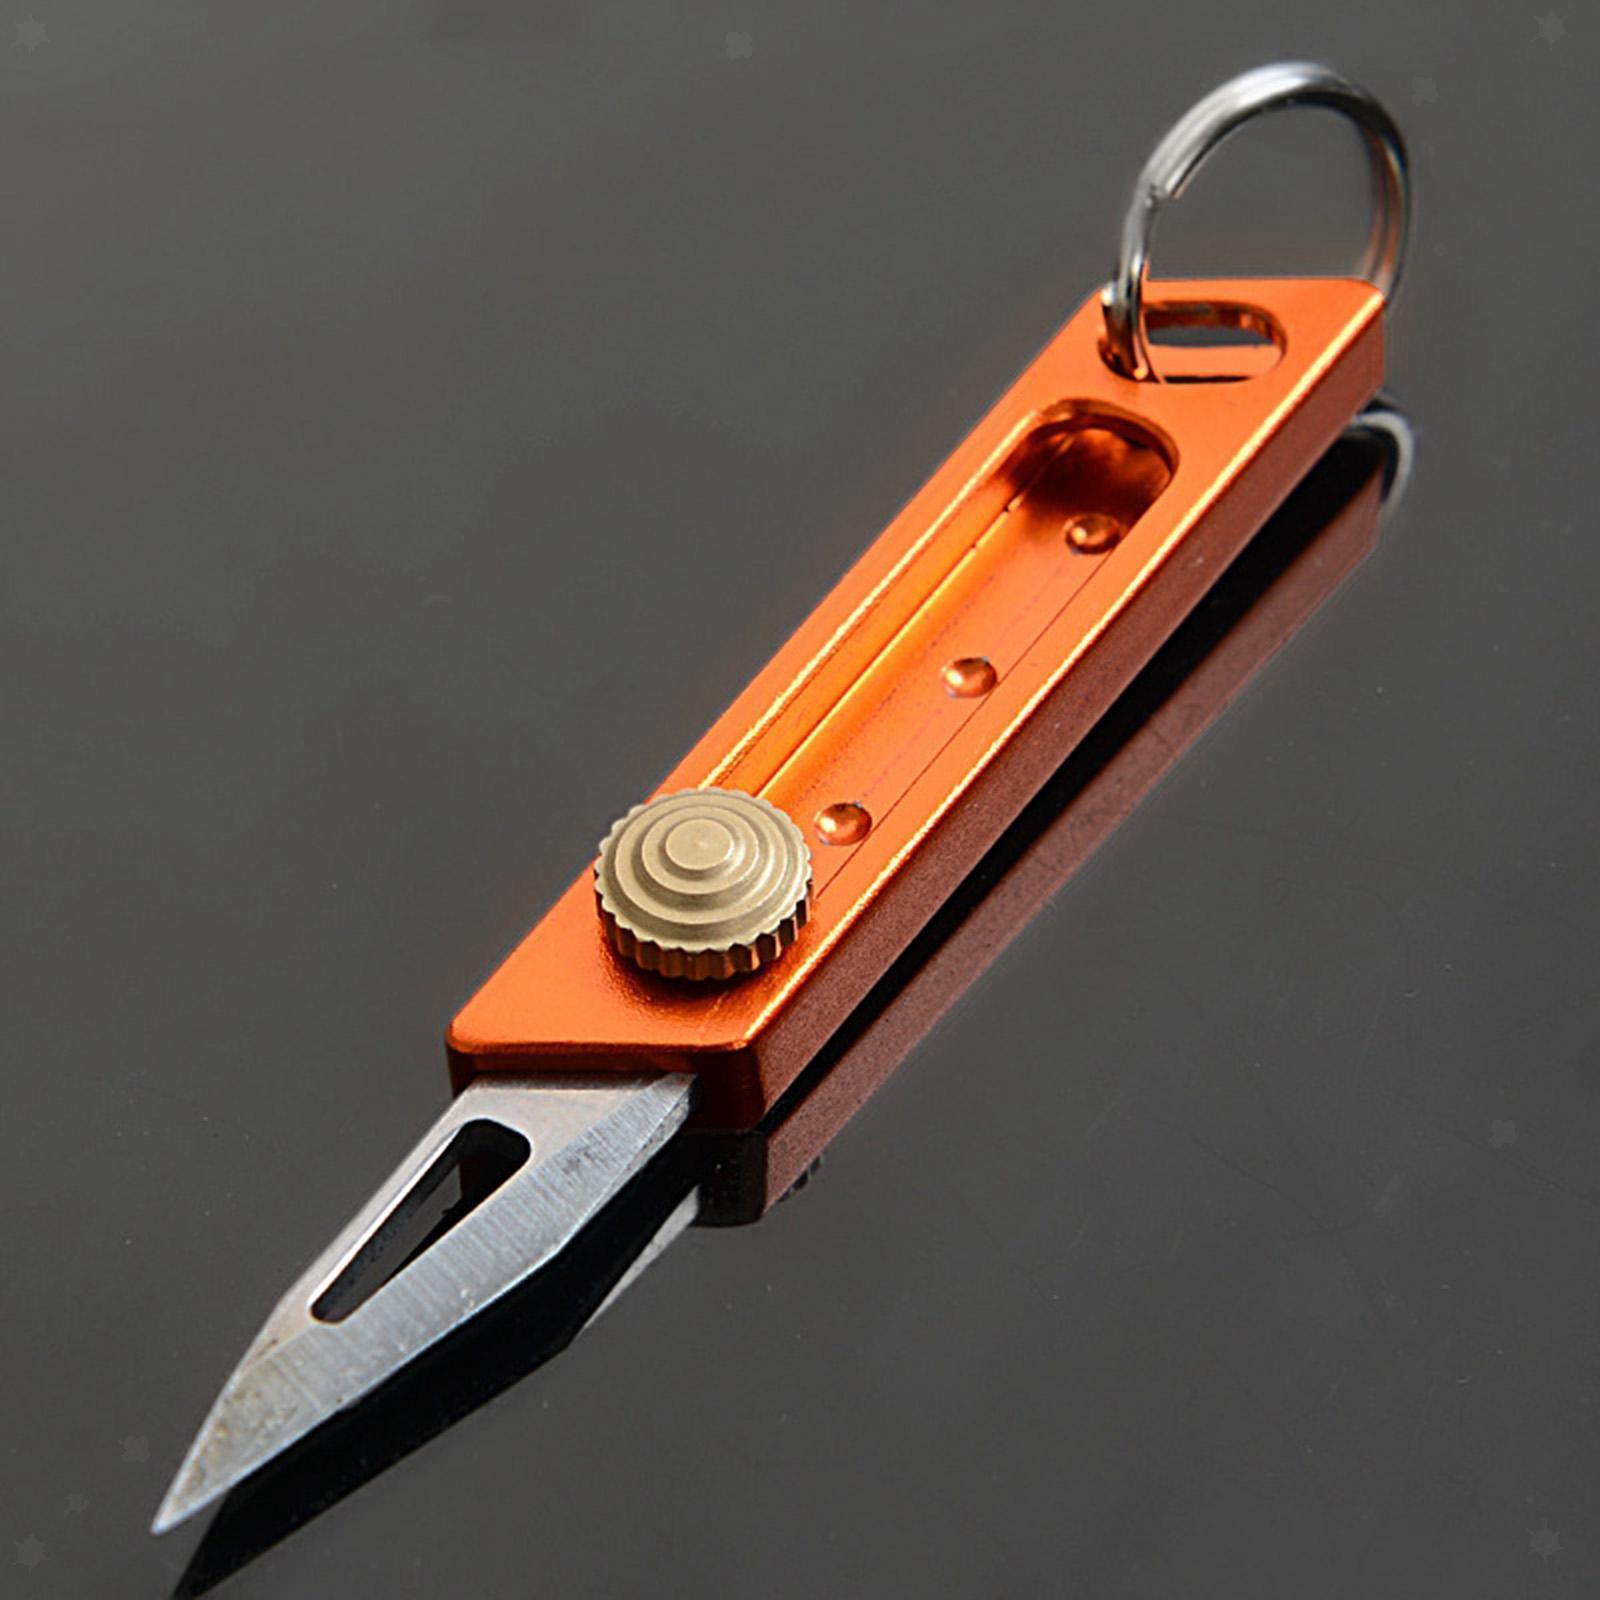 miniatura 26 - Multi Utility Coltello In Alluminio A Scomparsa di Carta di Taglio Tool Box Lama